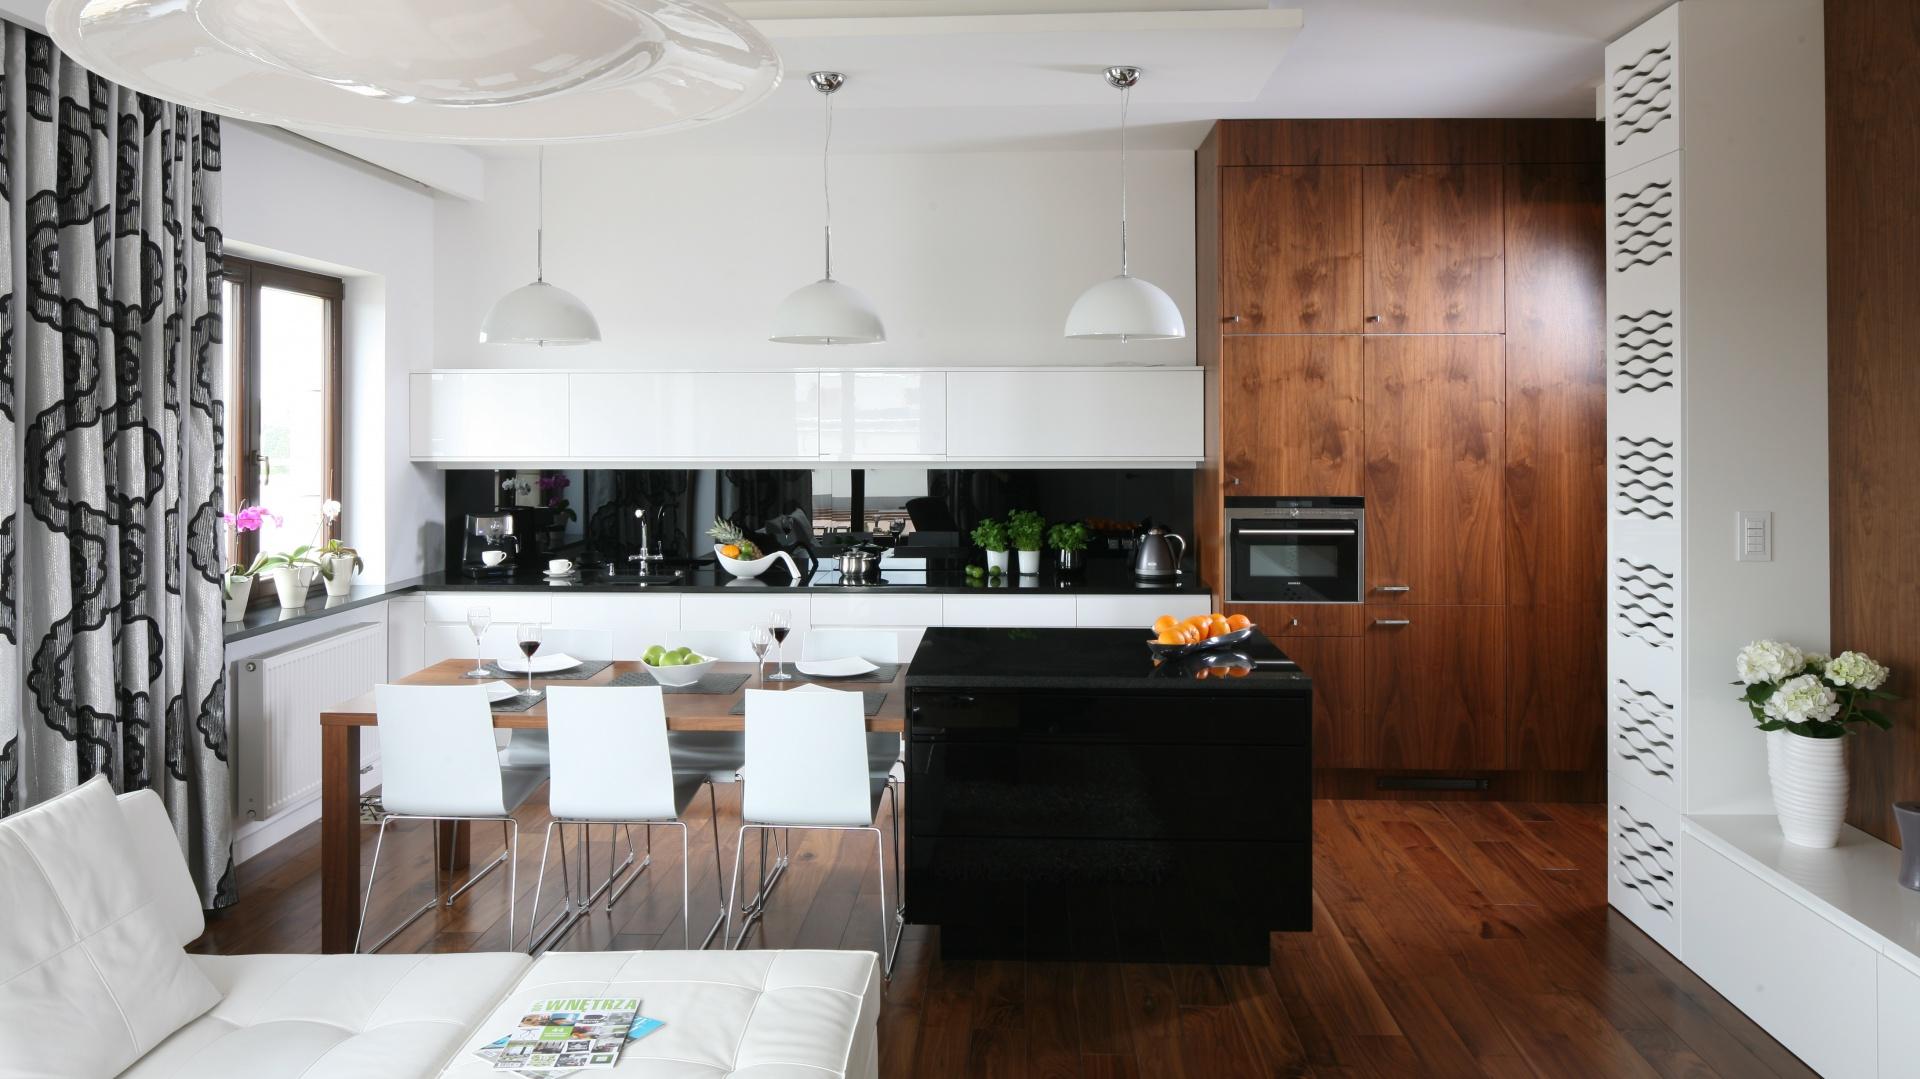 Poprowadzona pod sam sufit wysoka zabudowa zyskała piękny drewniany dekor. Posłużyła za element ocieplający wnętrze, lokalizację montażu piekarnika oraz za pojemne miejsce do przechowywania sprzętów. Projekt: Agnieszka Ludwinowska. Fot. Bartosz Jarosz.